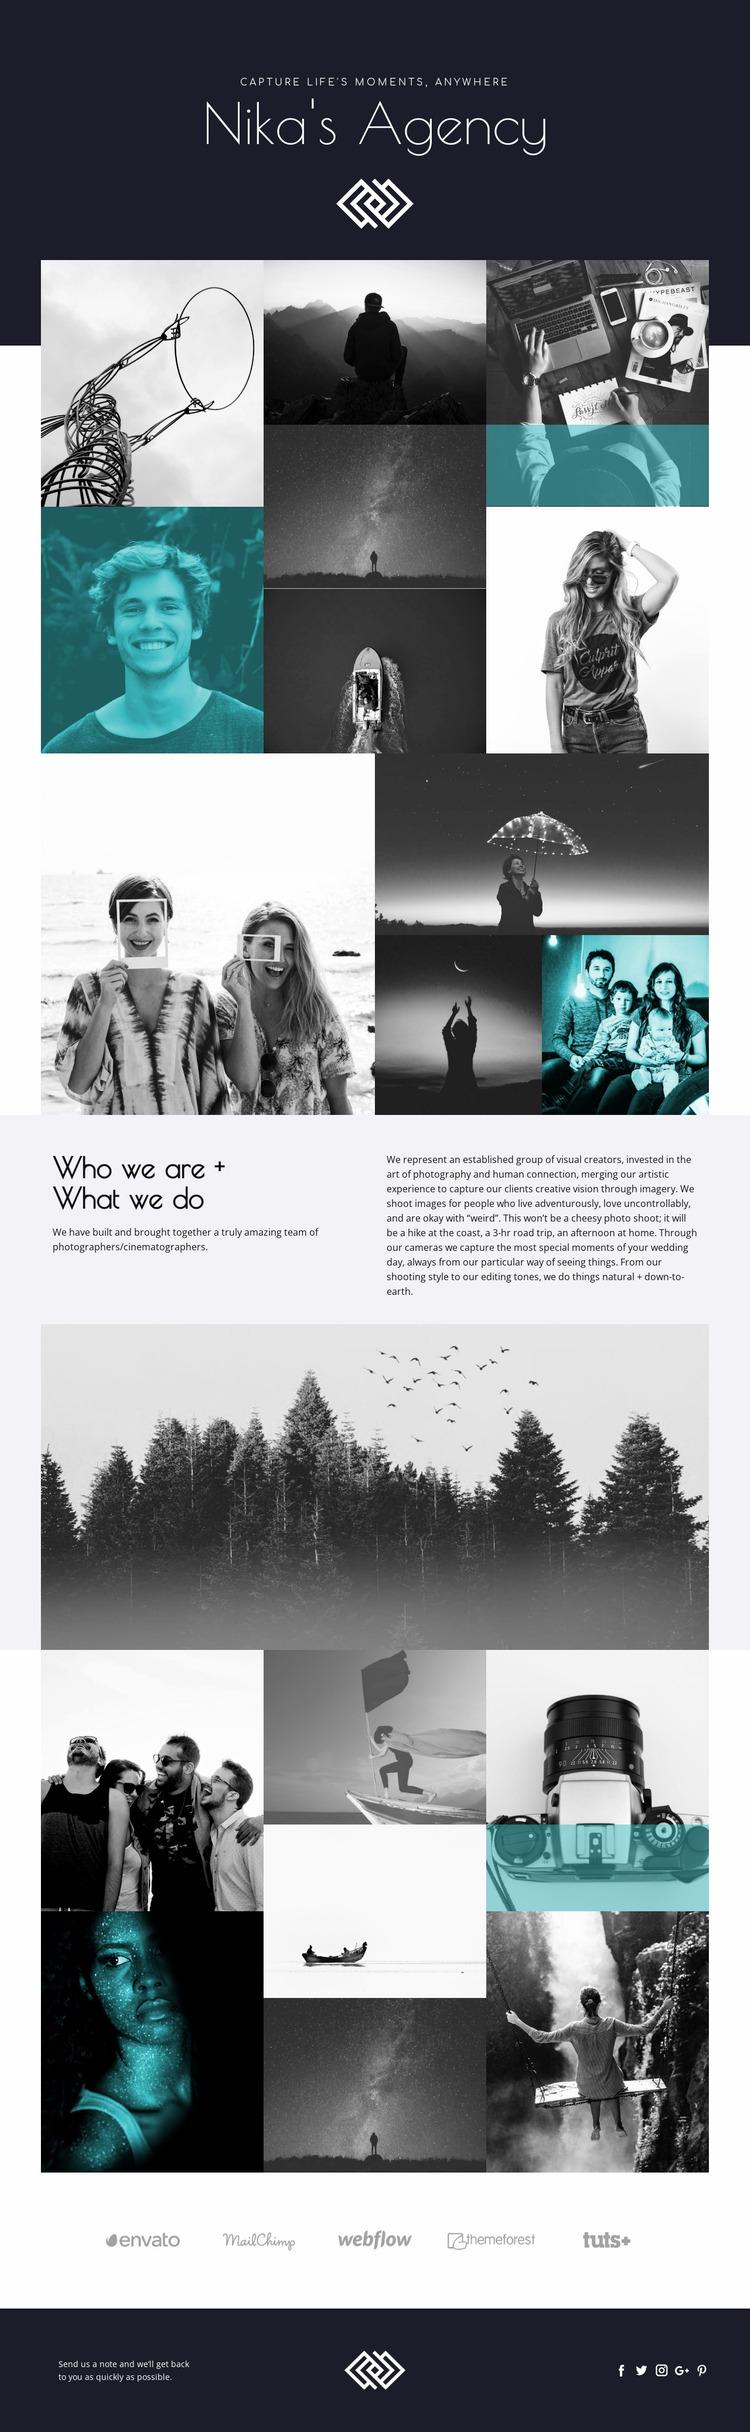 Nika's Agency Website Mockup